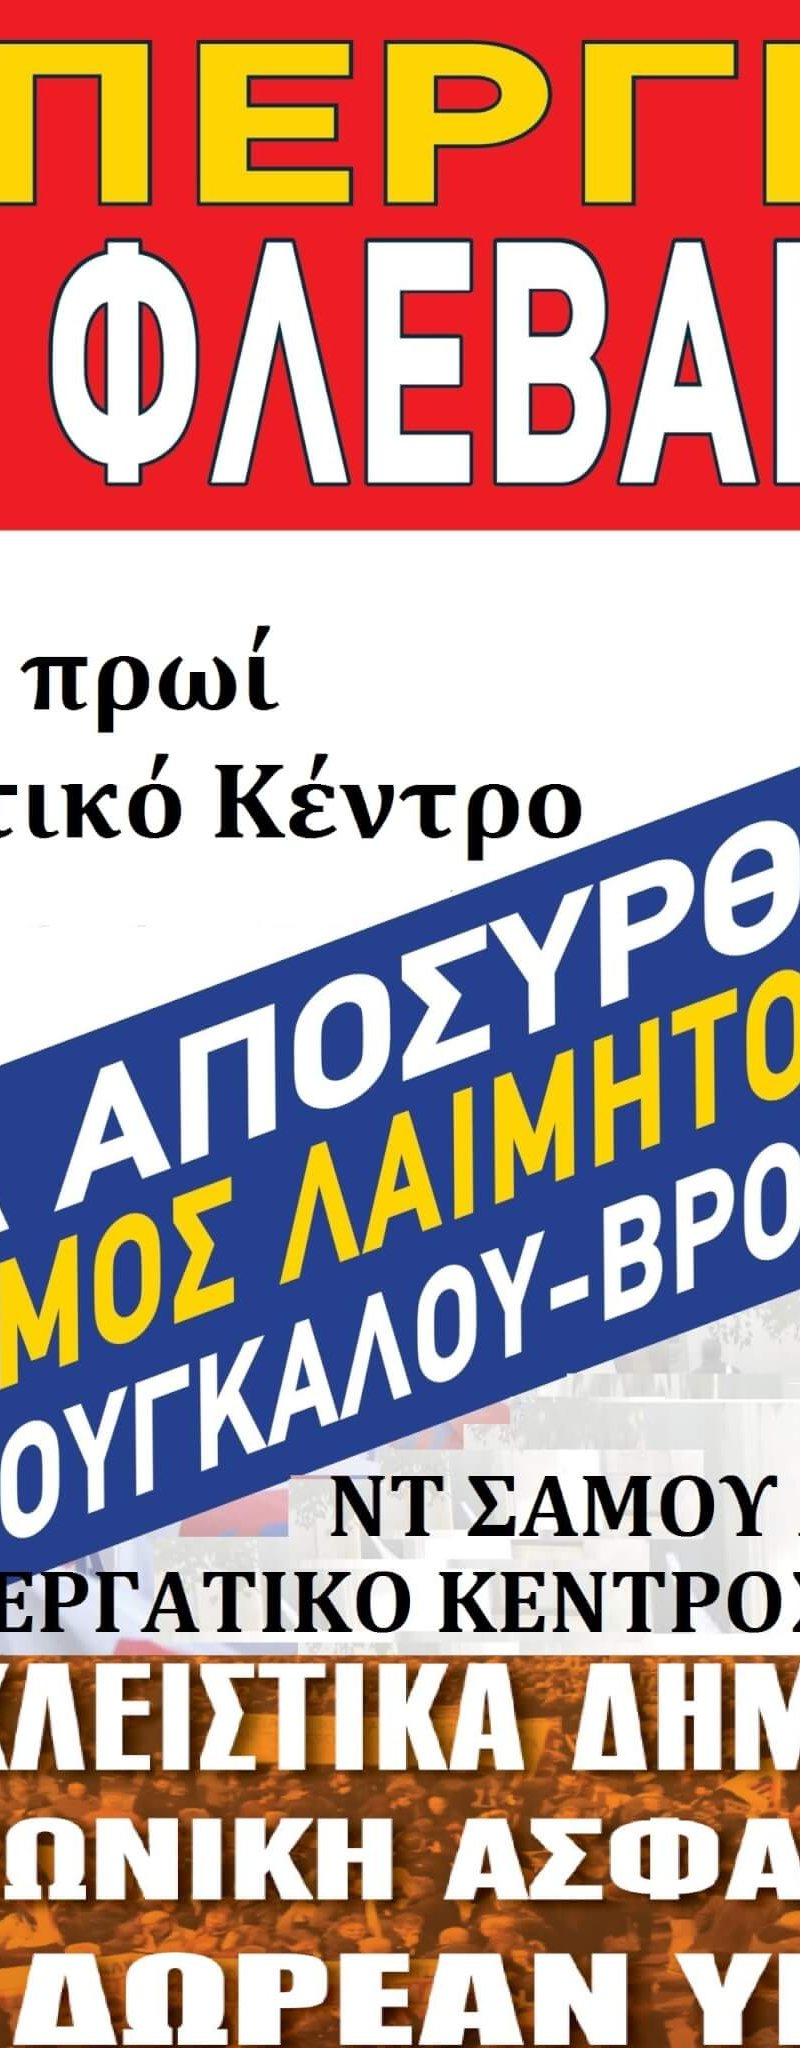 Η Λαϊκή Συσπείρωση για την απεργία στις 18.2.2020